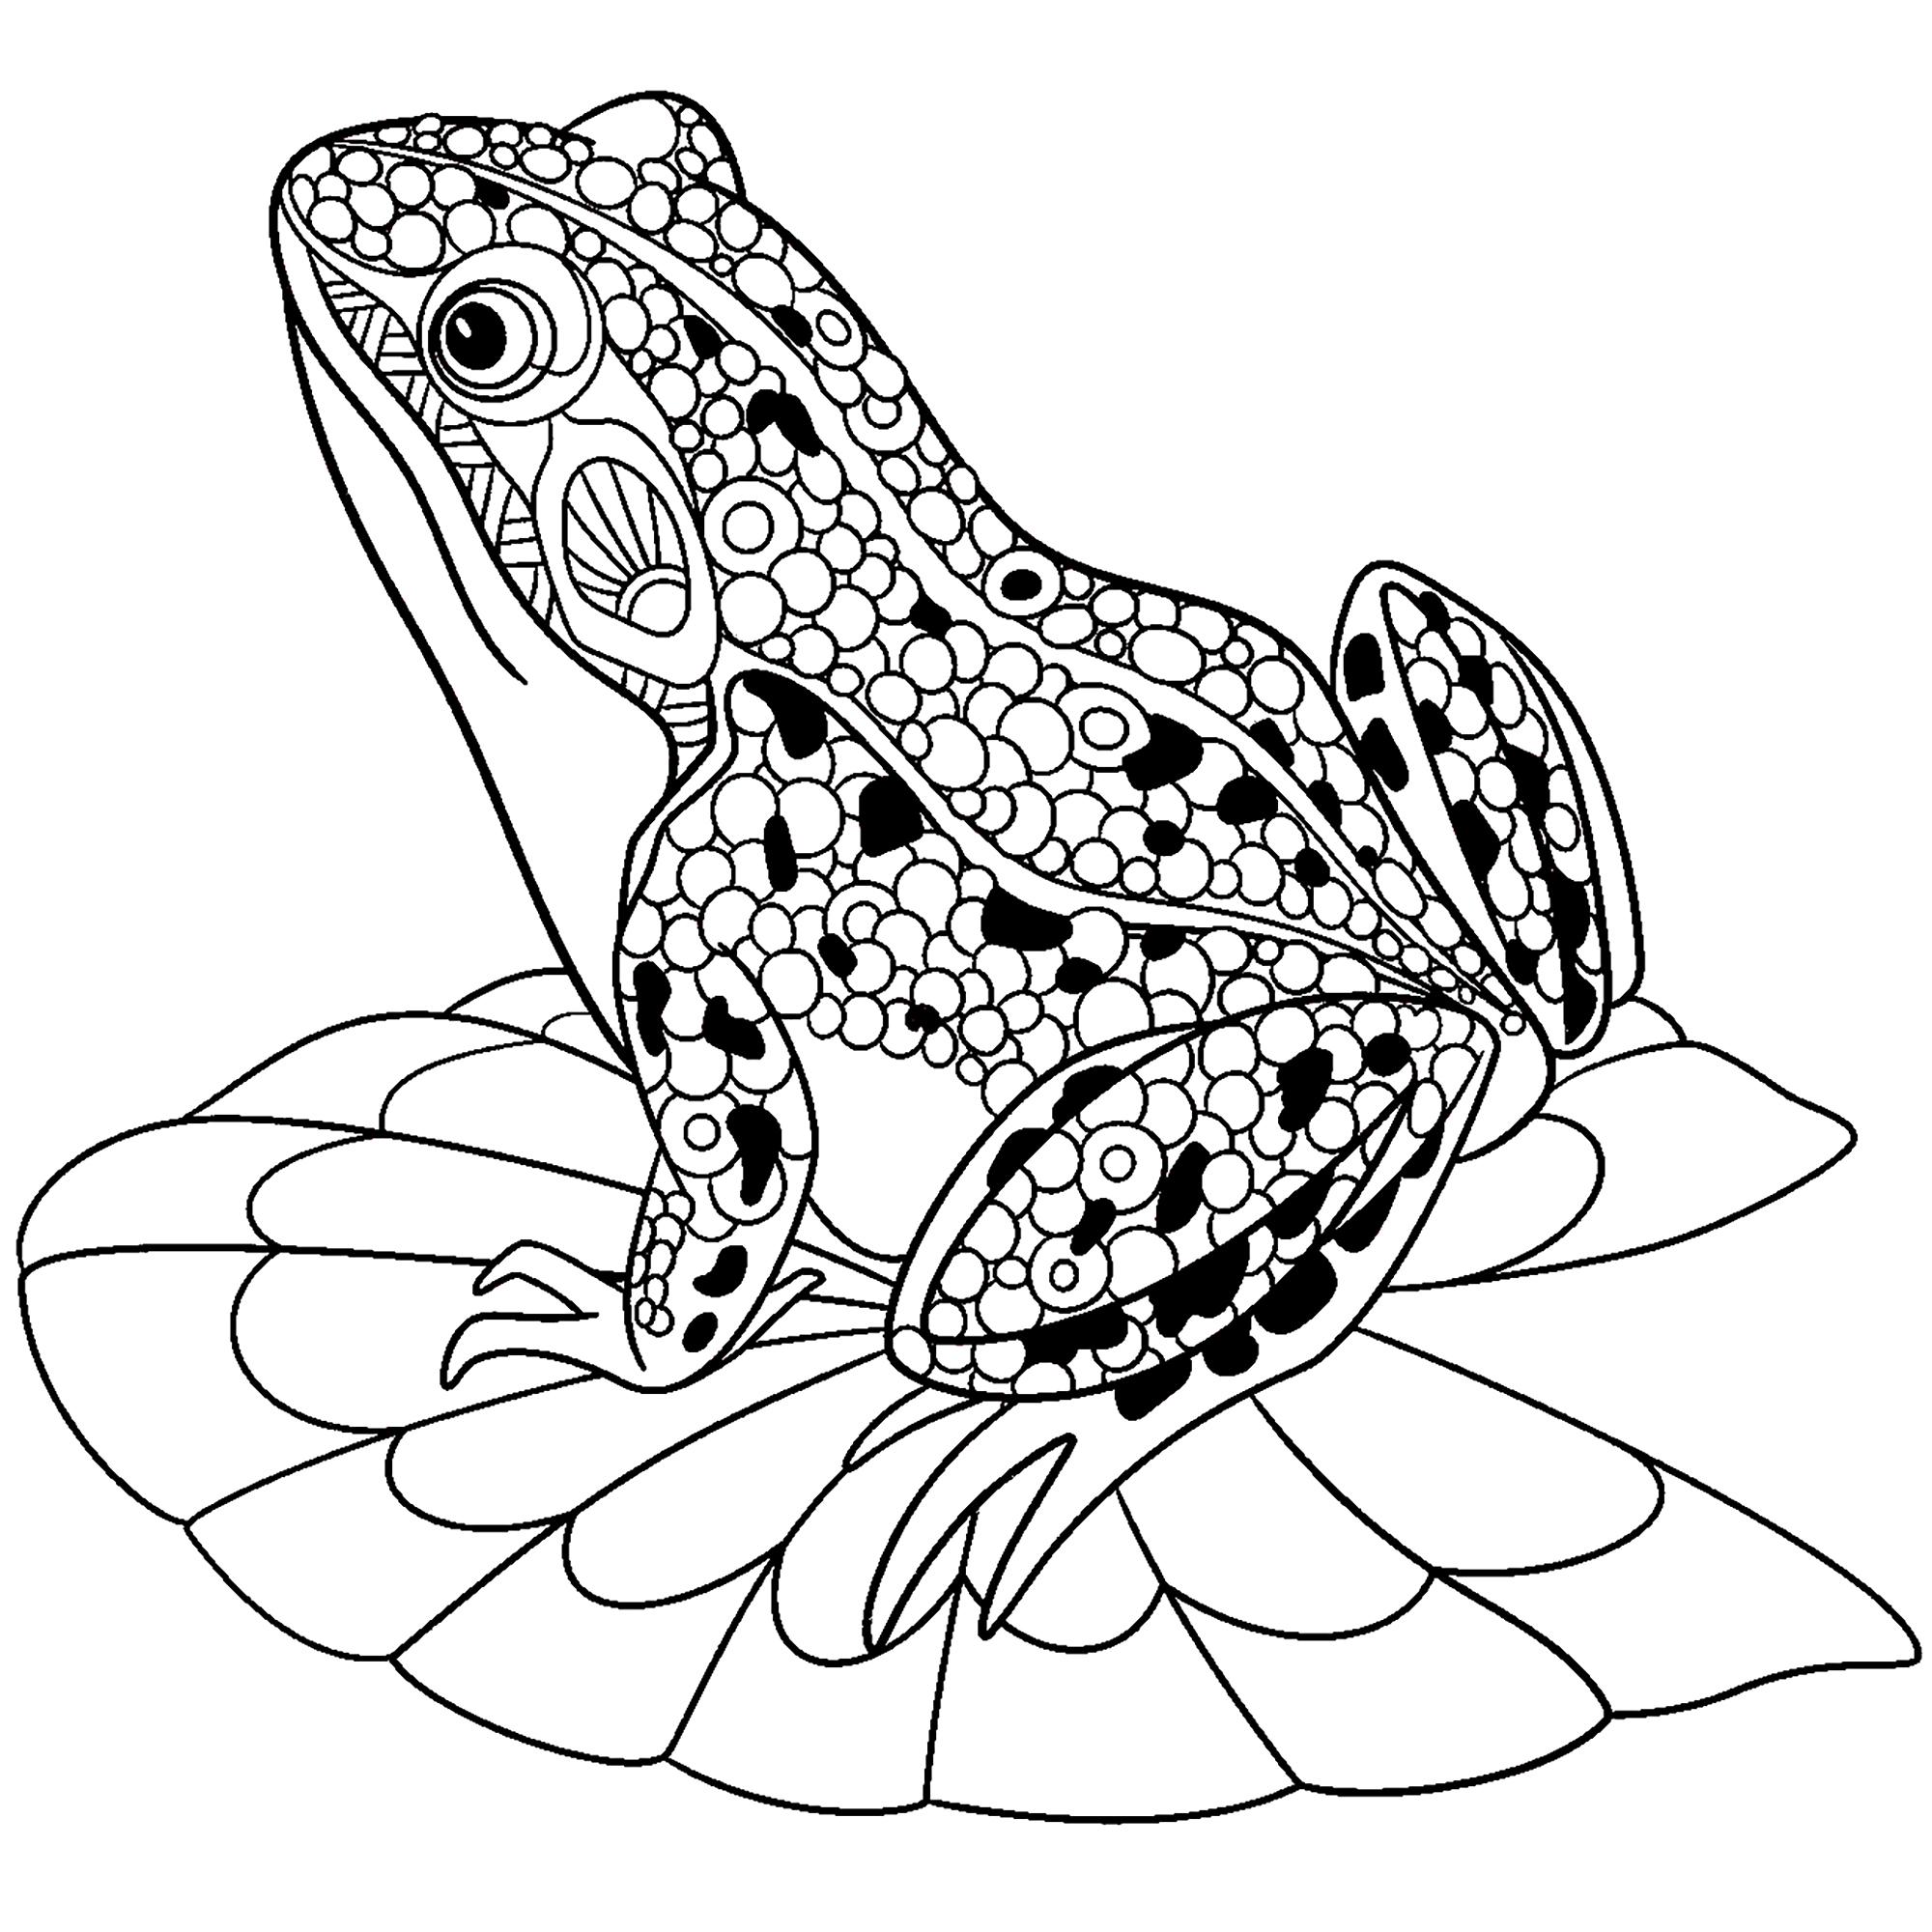 Jolie grenouille sur nenuphar grenouilles coloriages difficiles pour adultes - Nenuphar dessin ...